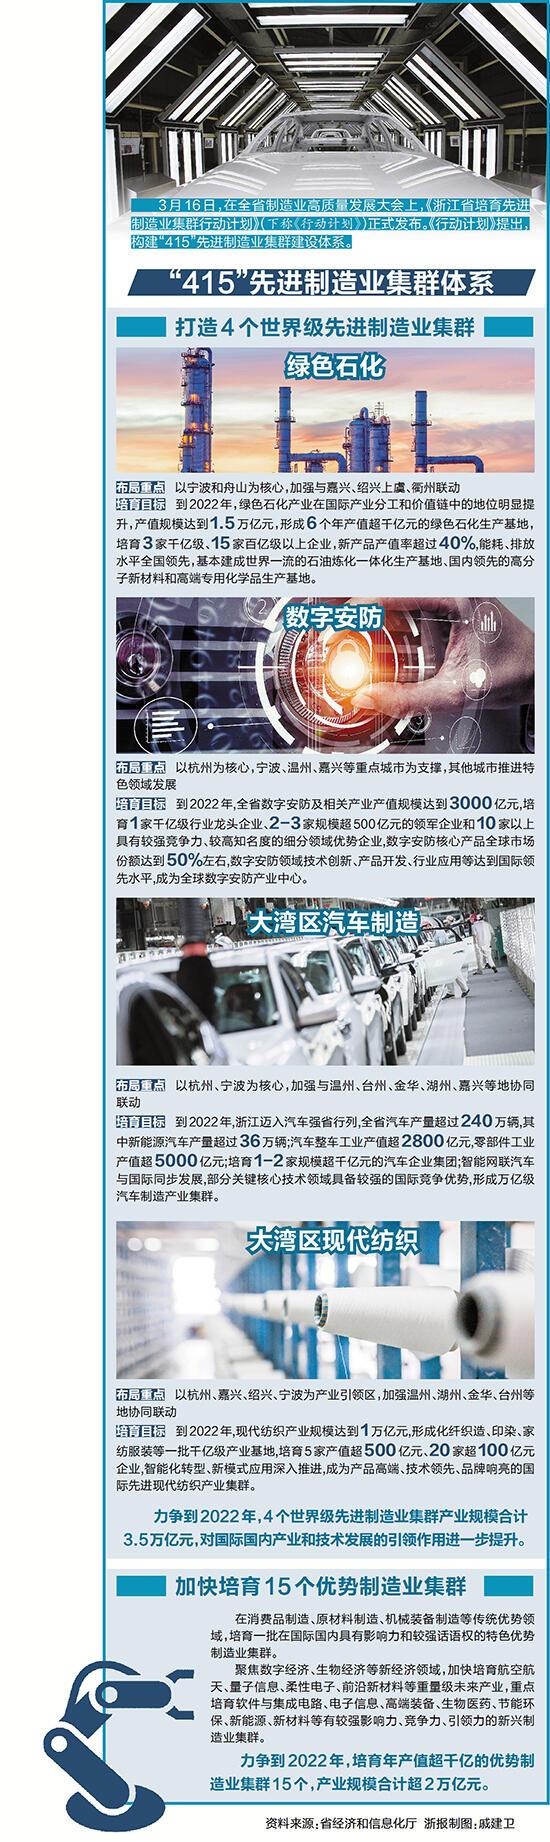 时隔17年,浙江再度就推进制造业发展专门召开大会